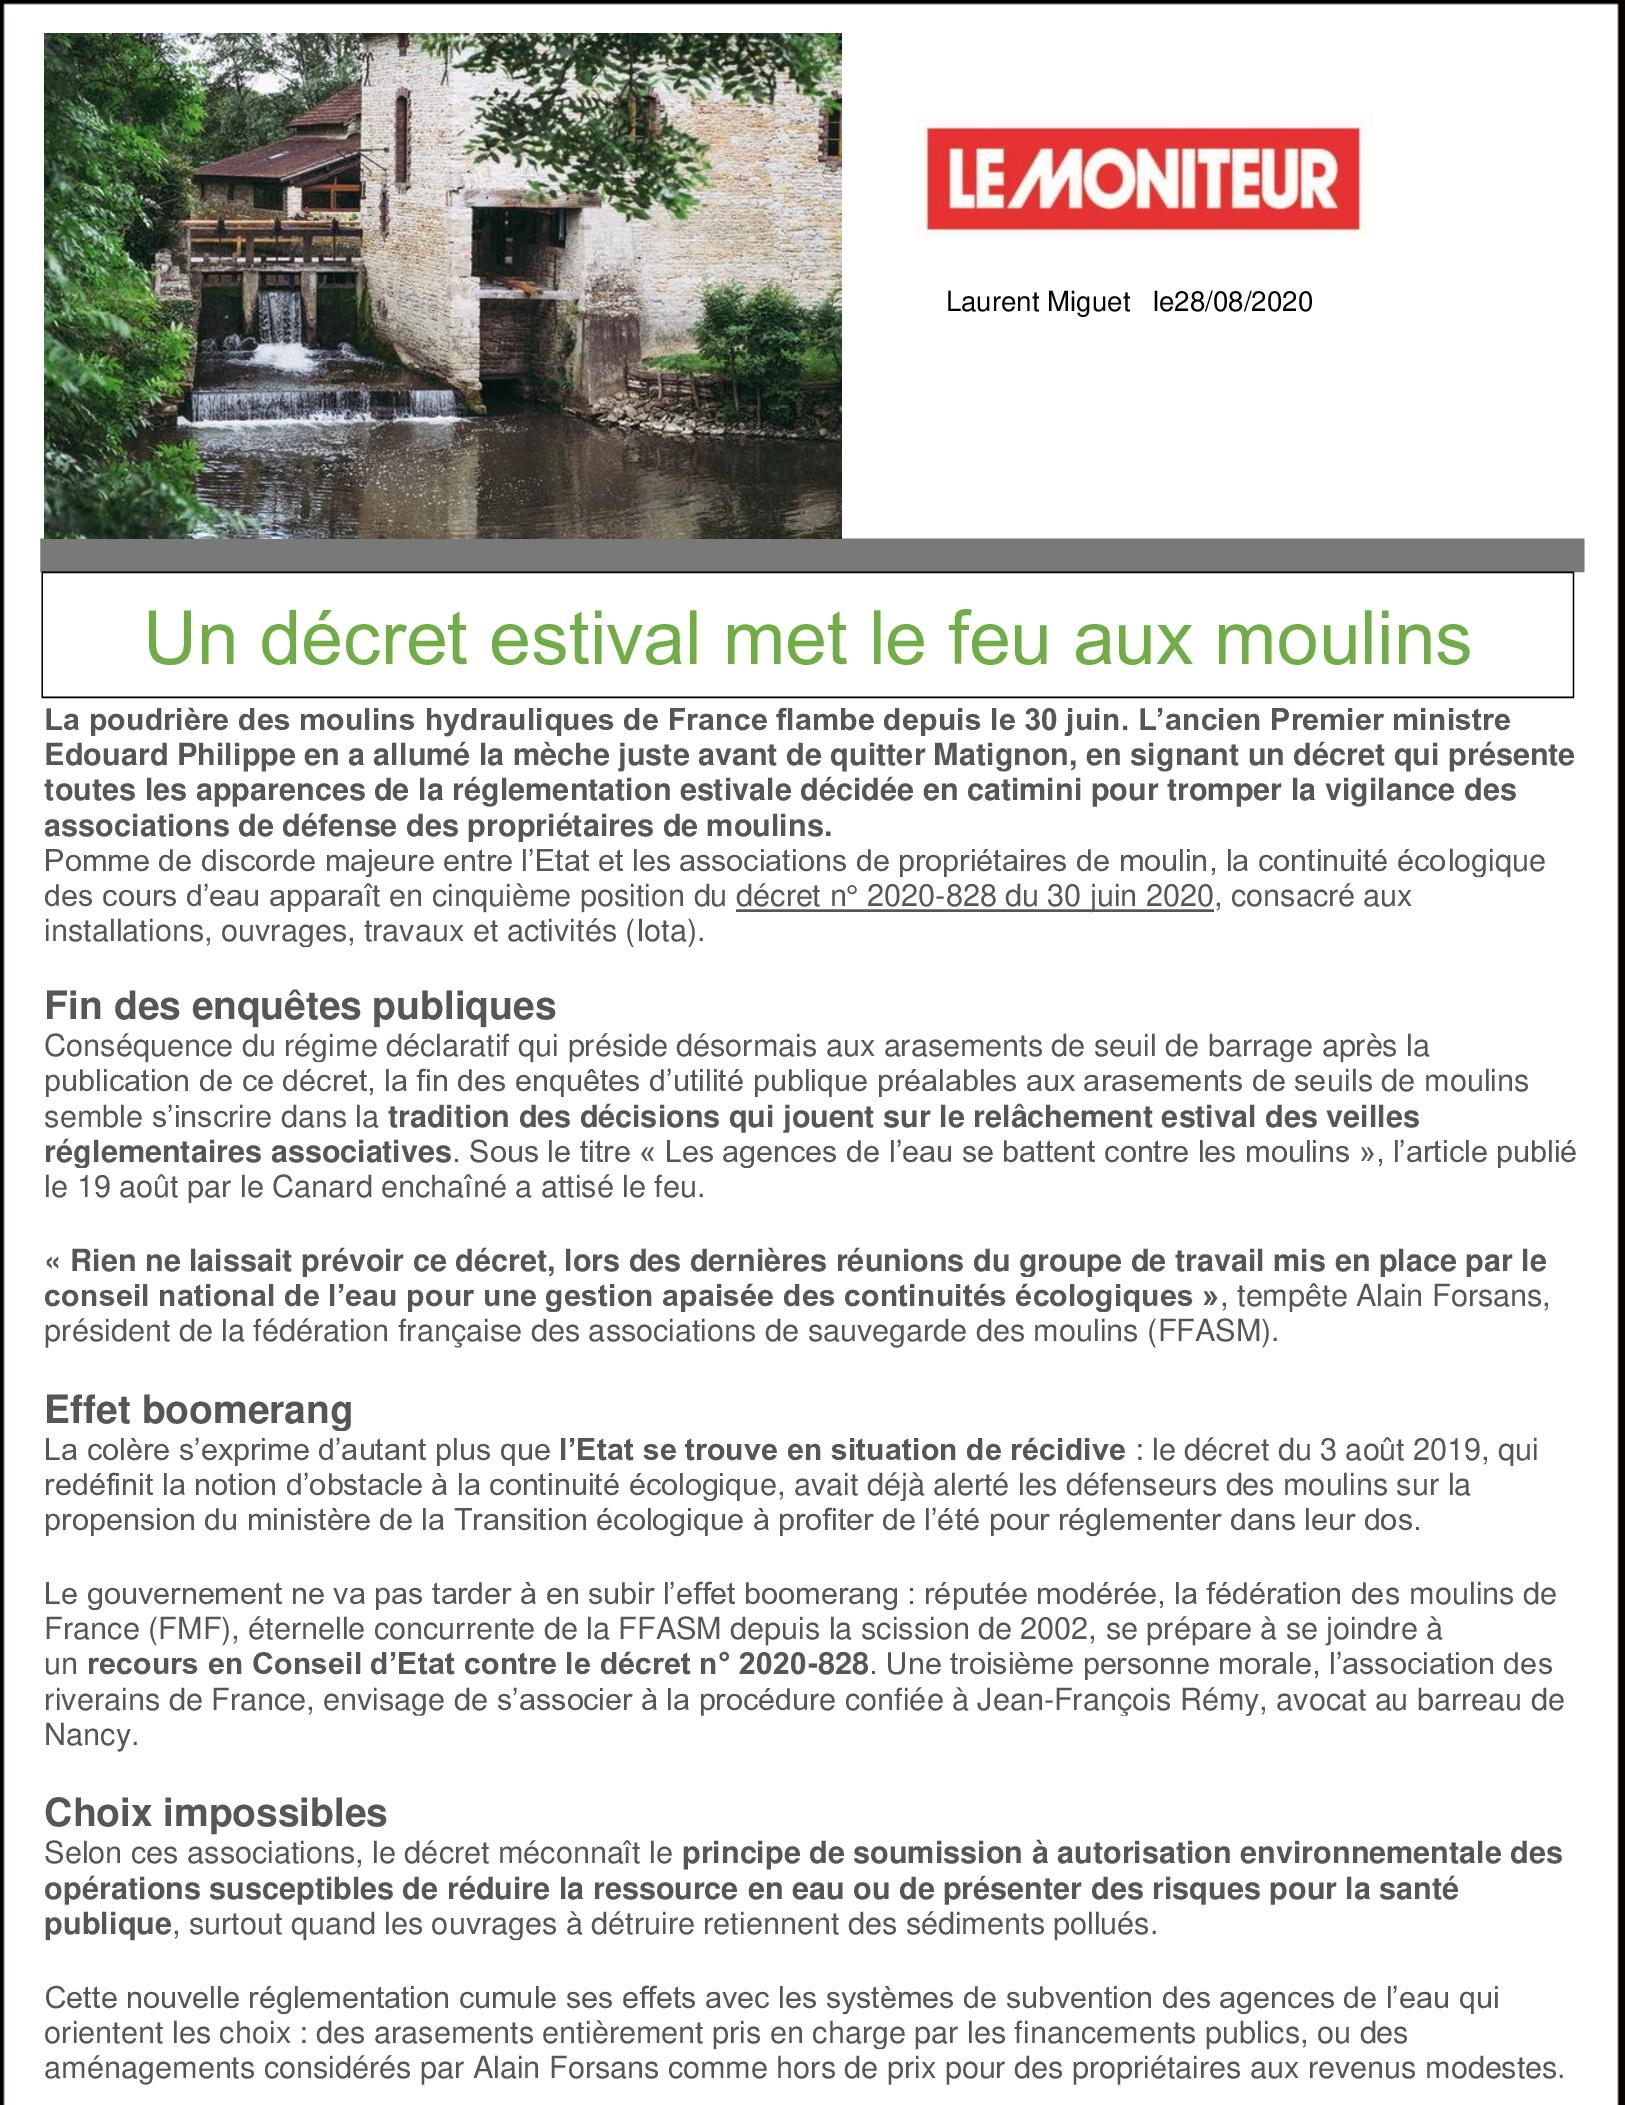 Le Moniteur_1